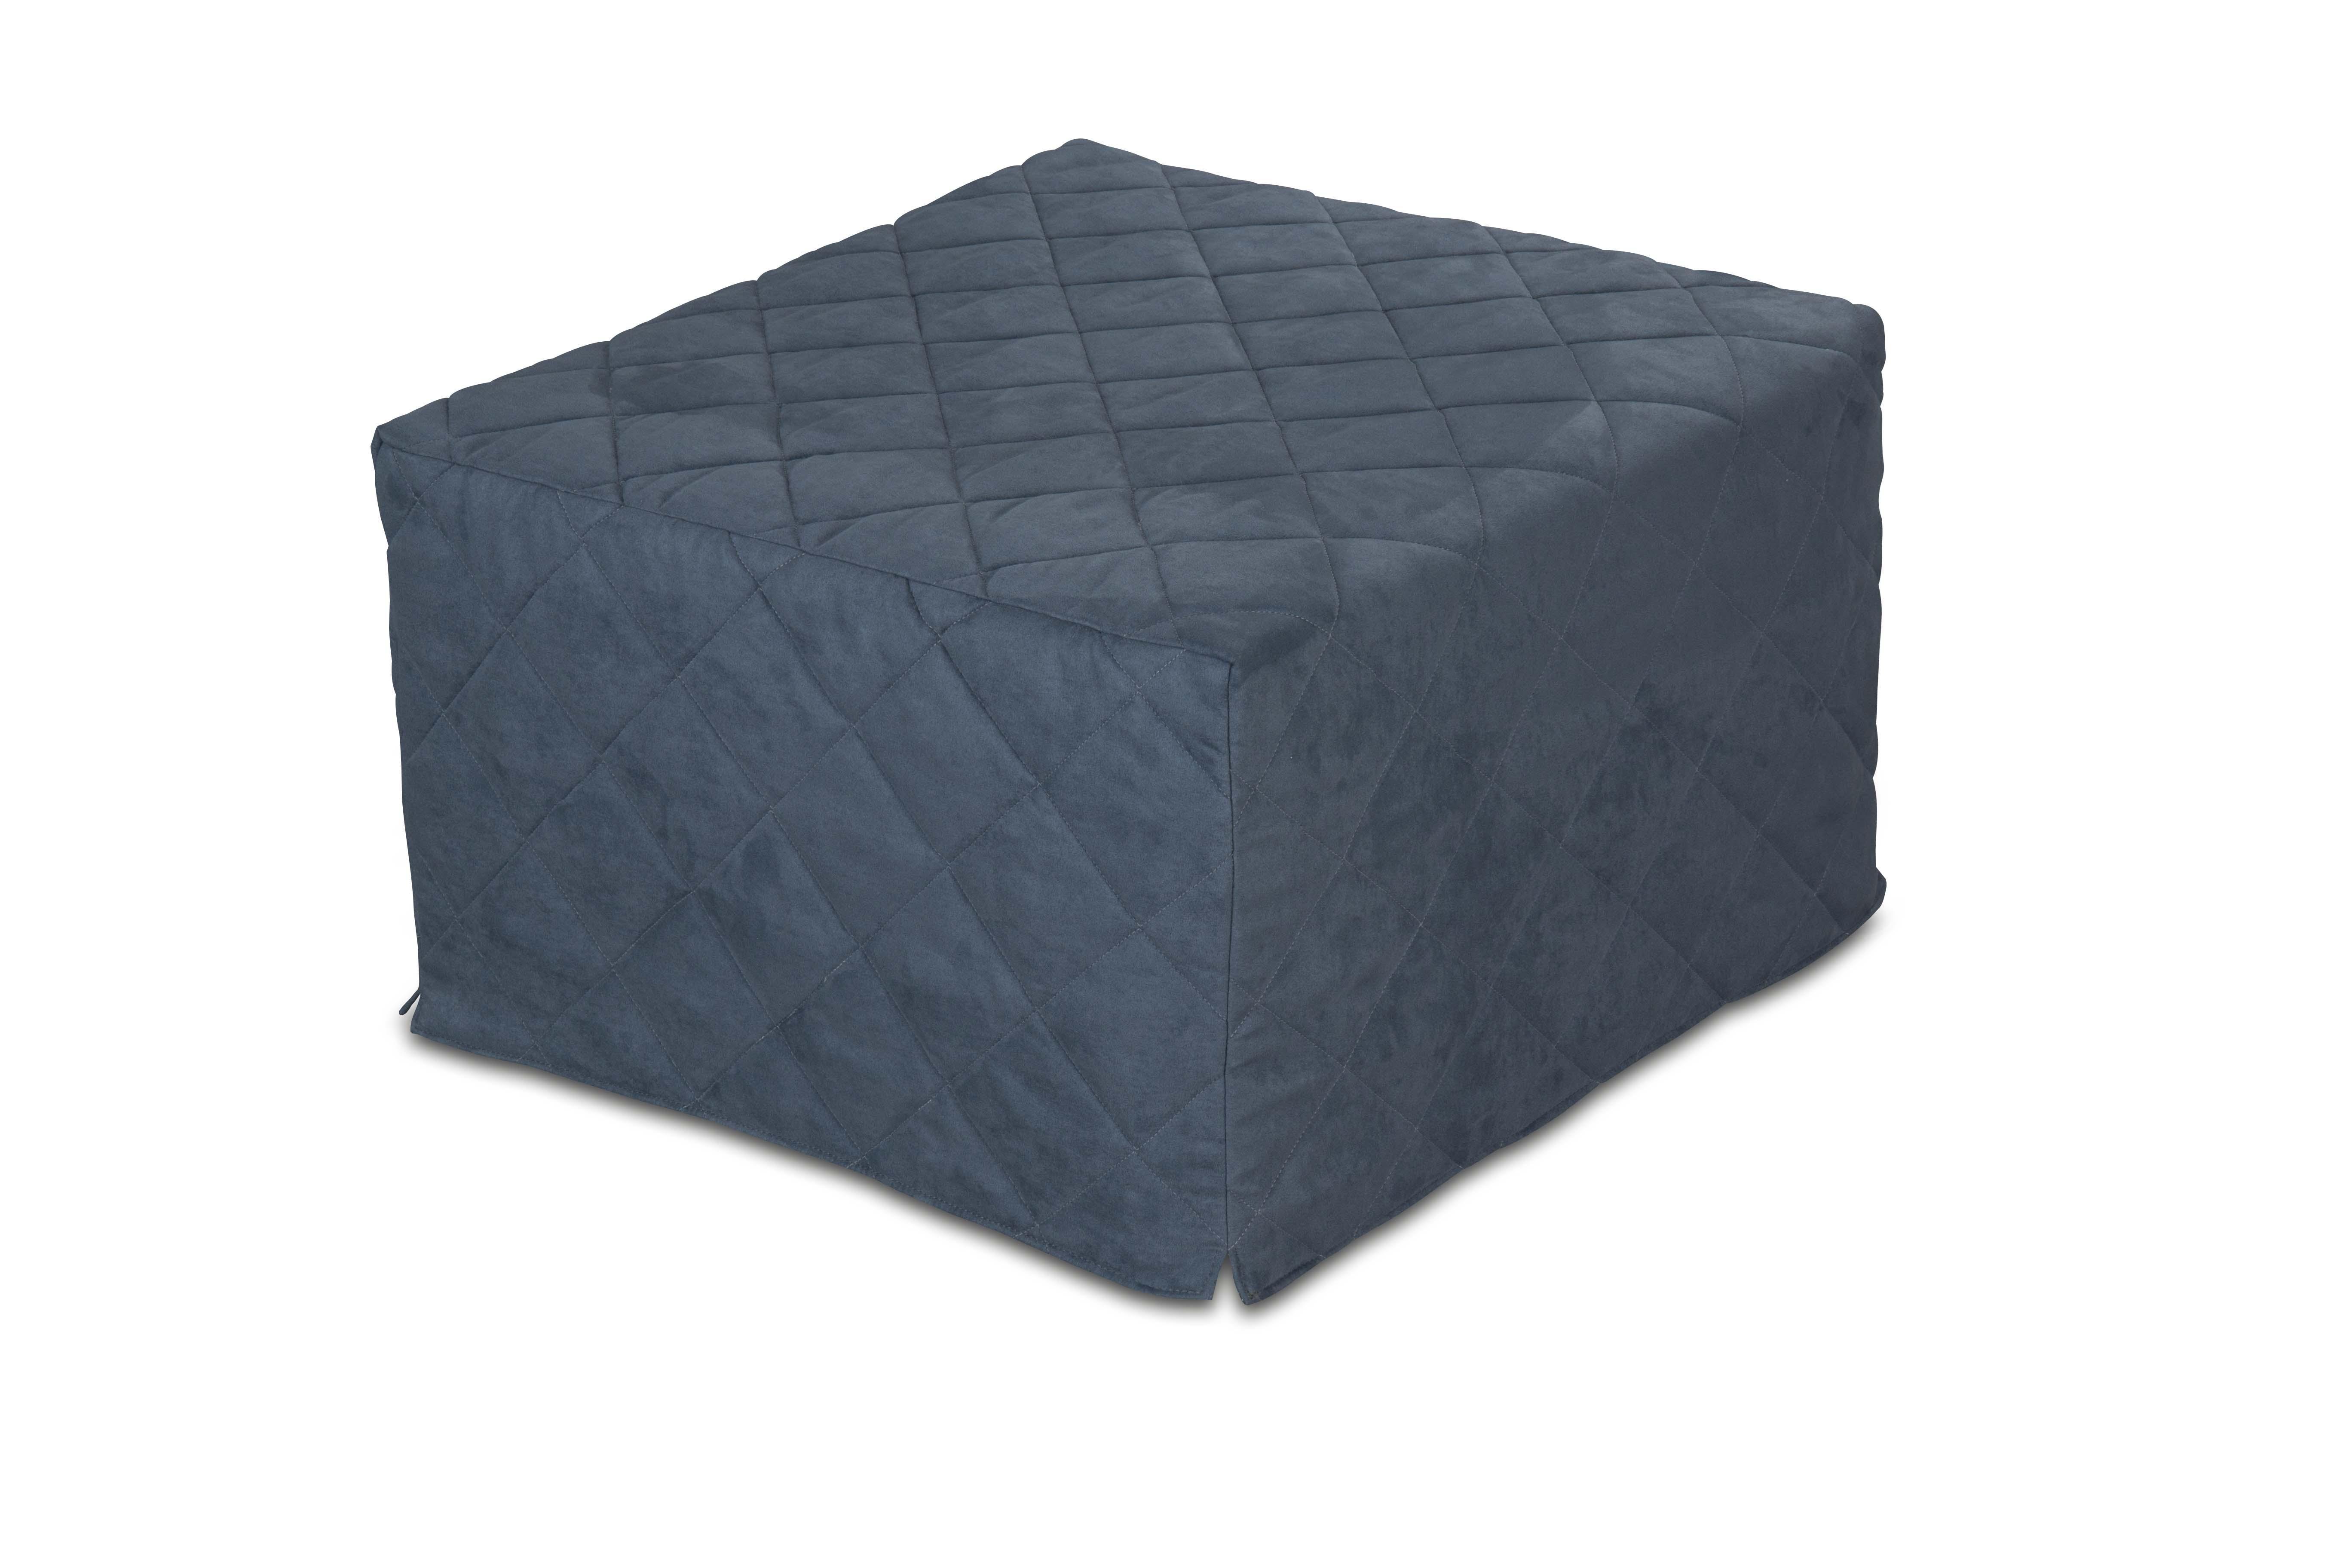 Pouf letto da seduta apribile con materasso singolo - Offerte pouf letto ...